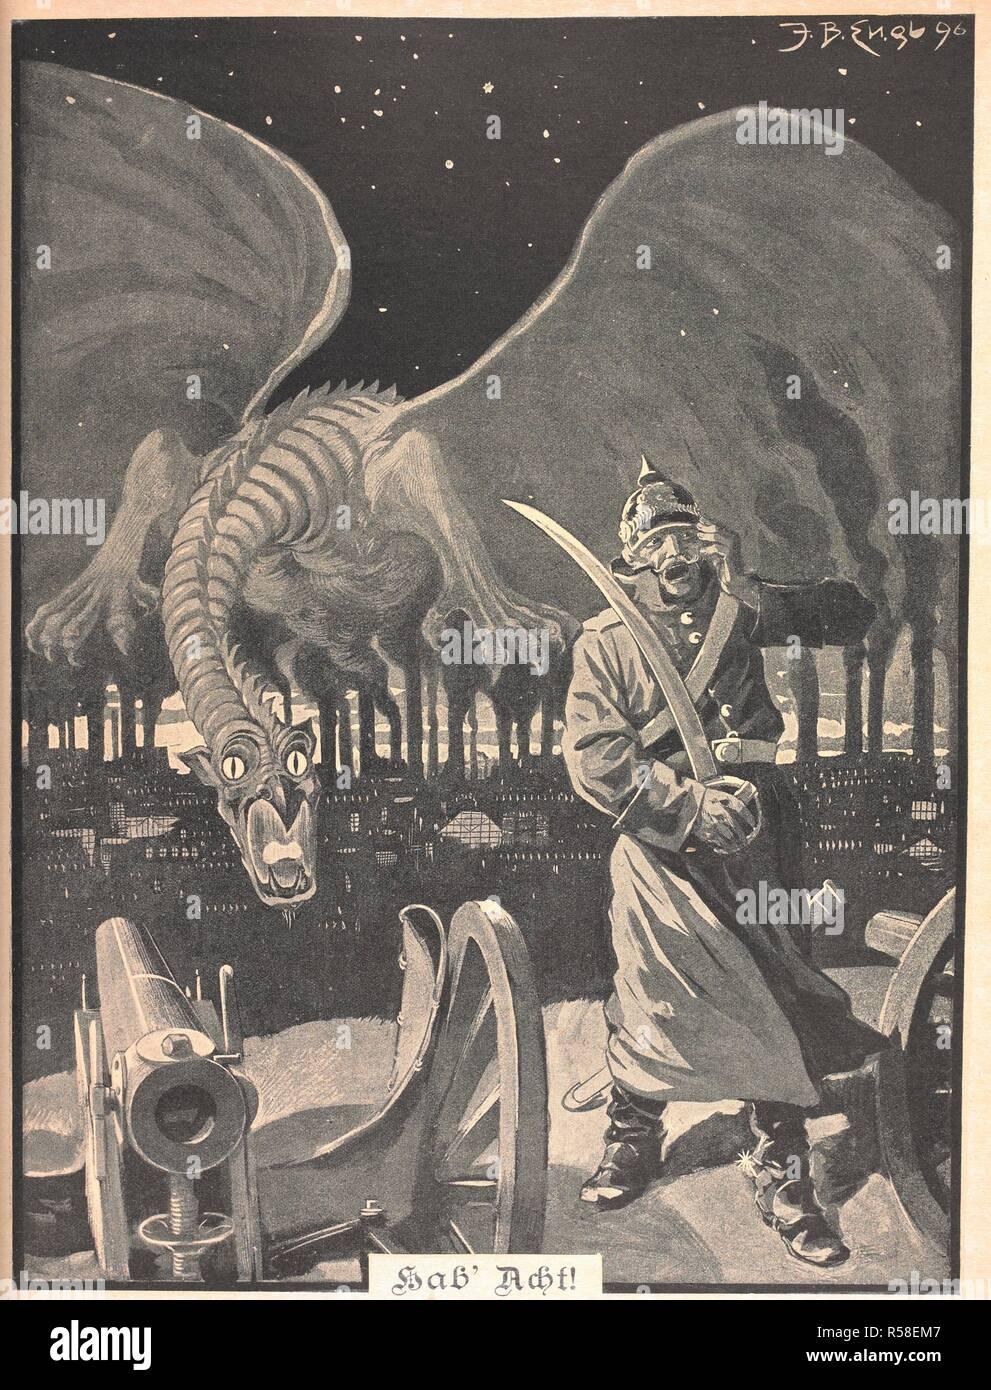 Dessin Pour Le Poème Comme La Nuit Un Dragon Dêtre